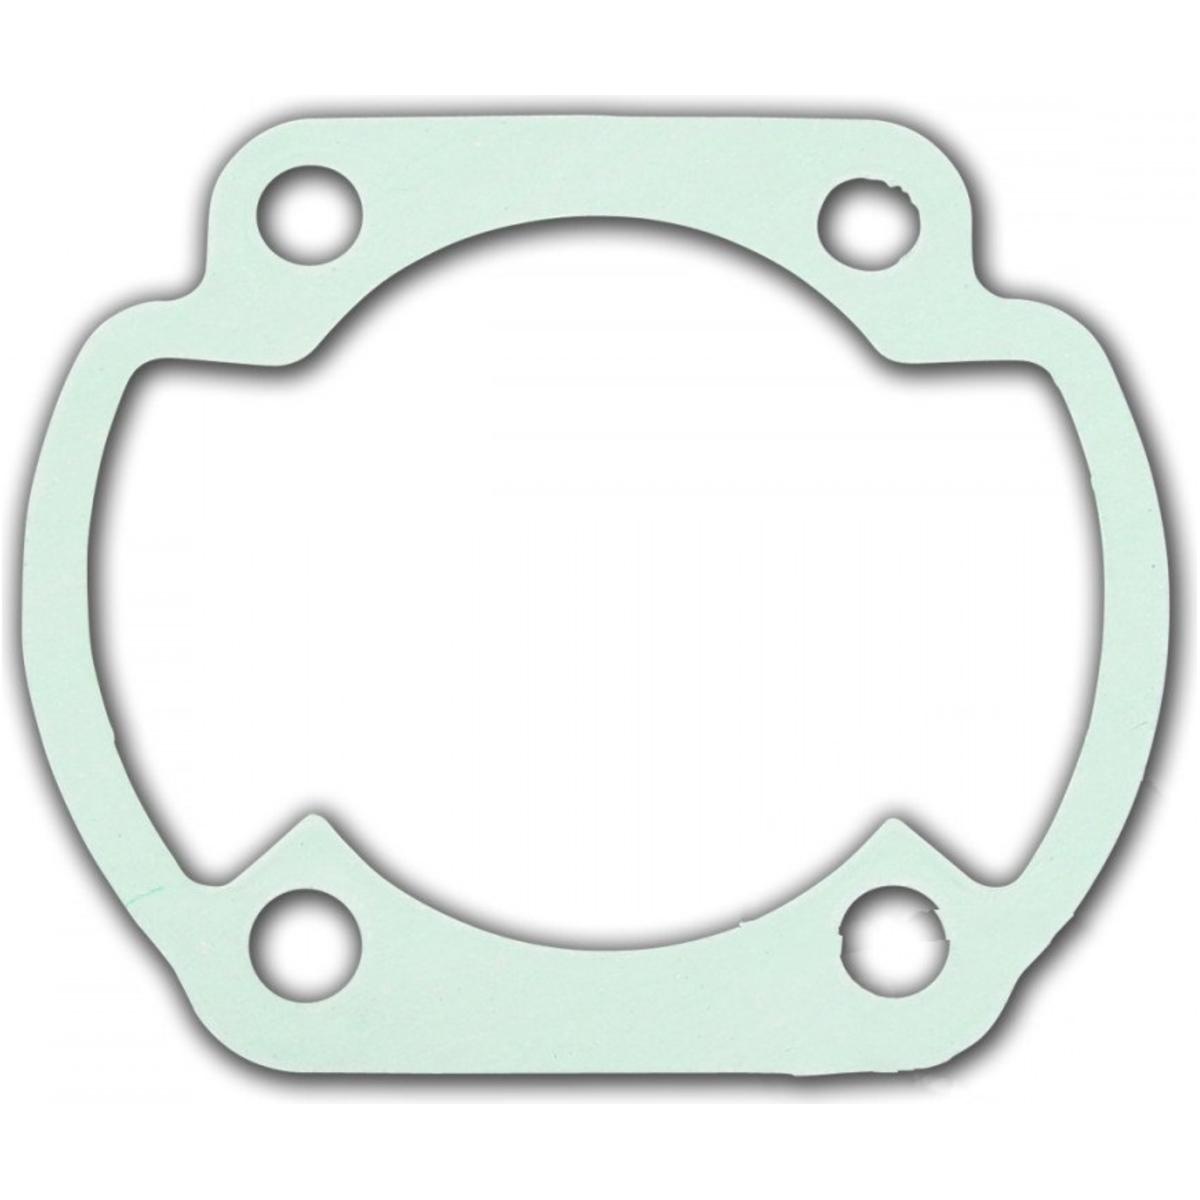 Motorrad Zylinderfussdichtung Athena S410485006058